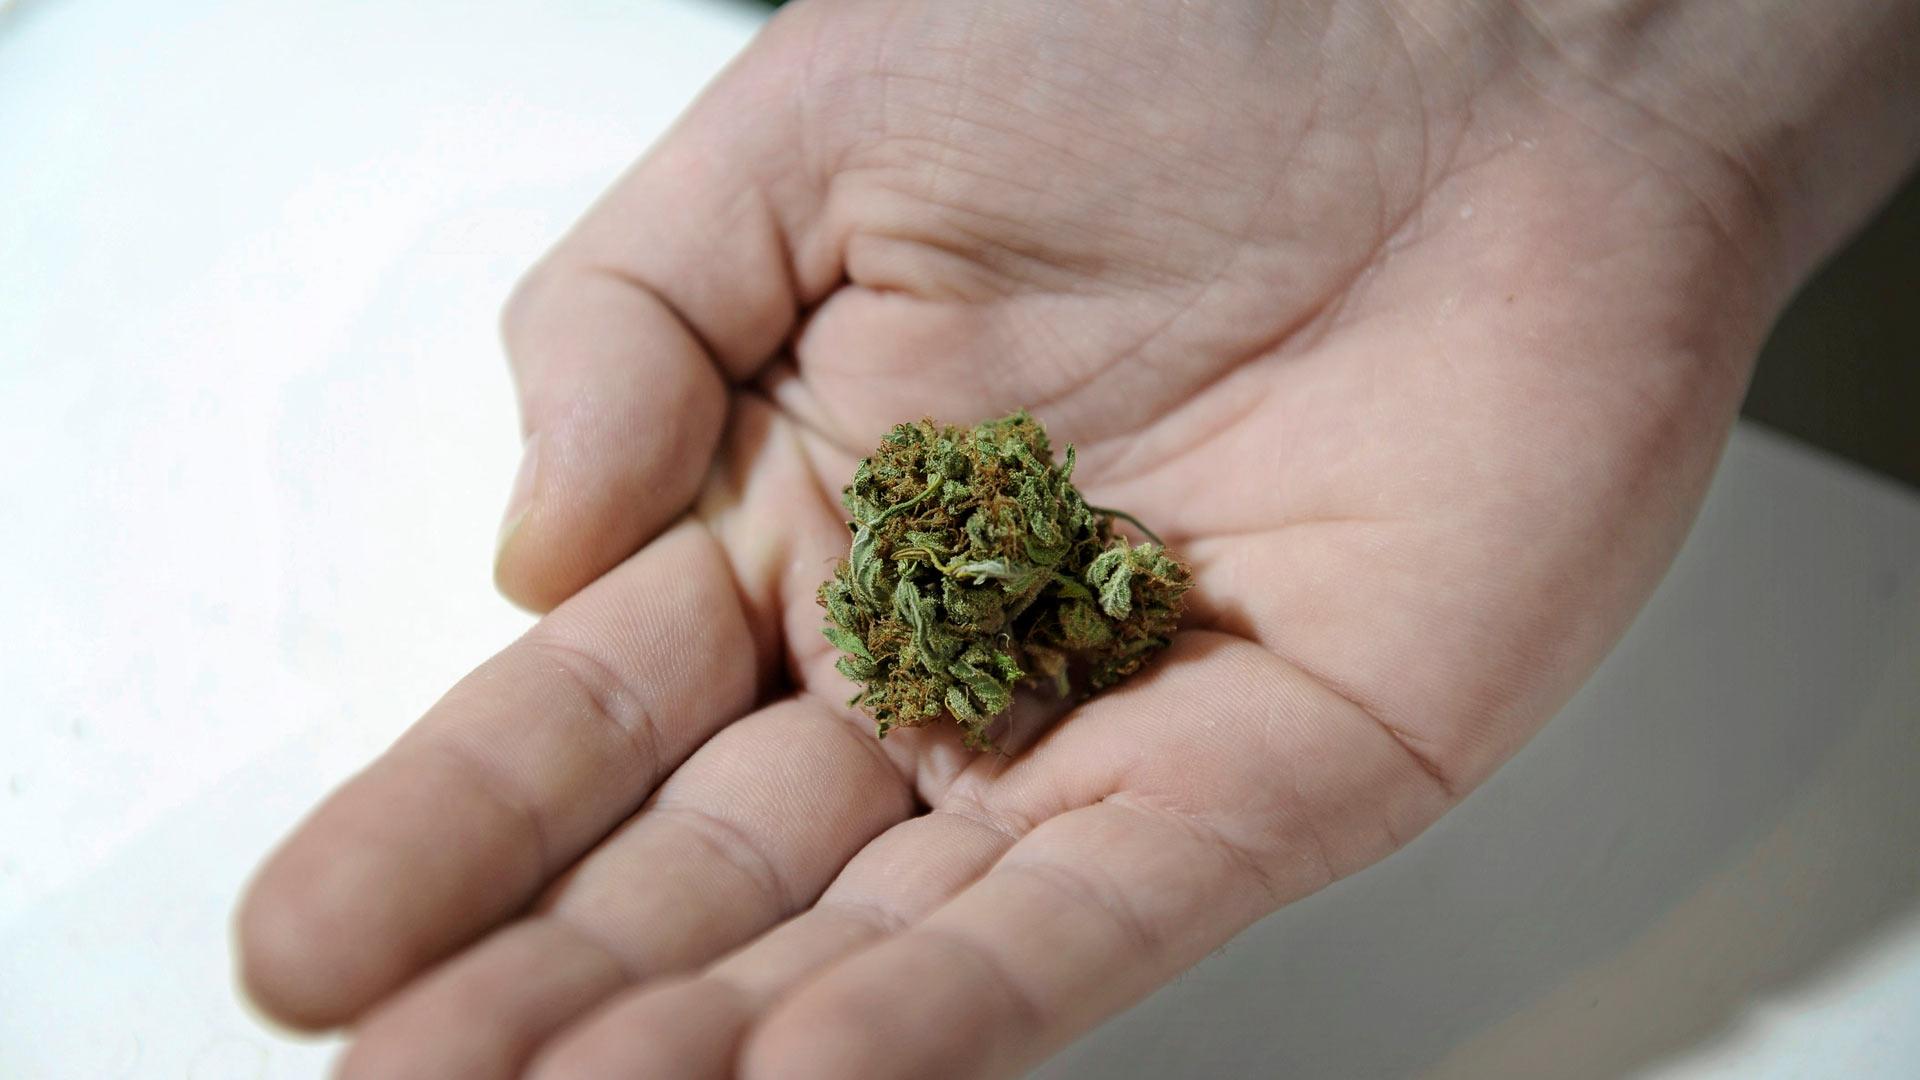 Kannabiskeskustelussa unohtuu usein, että laillinenkin huume olisi lapsille kaikkea muuta kuin turvallinen päihde.